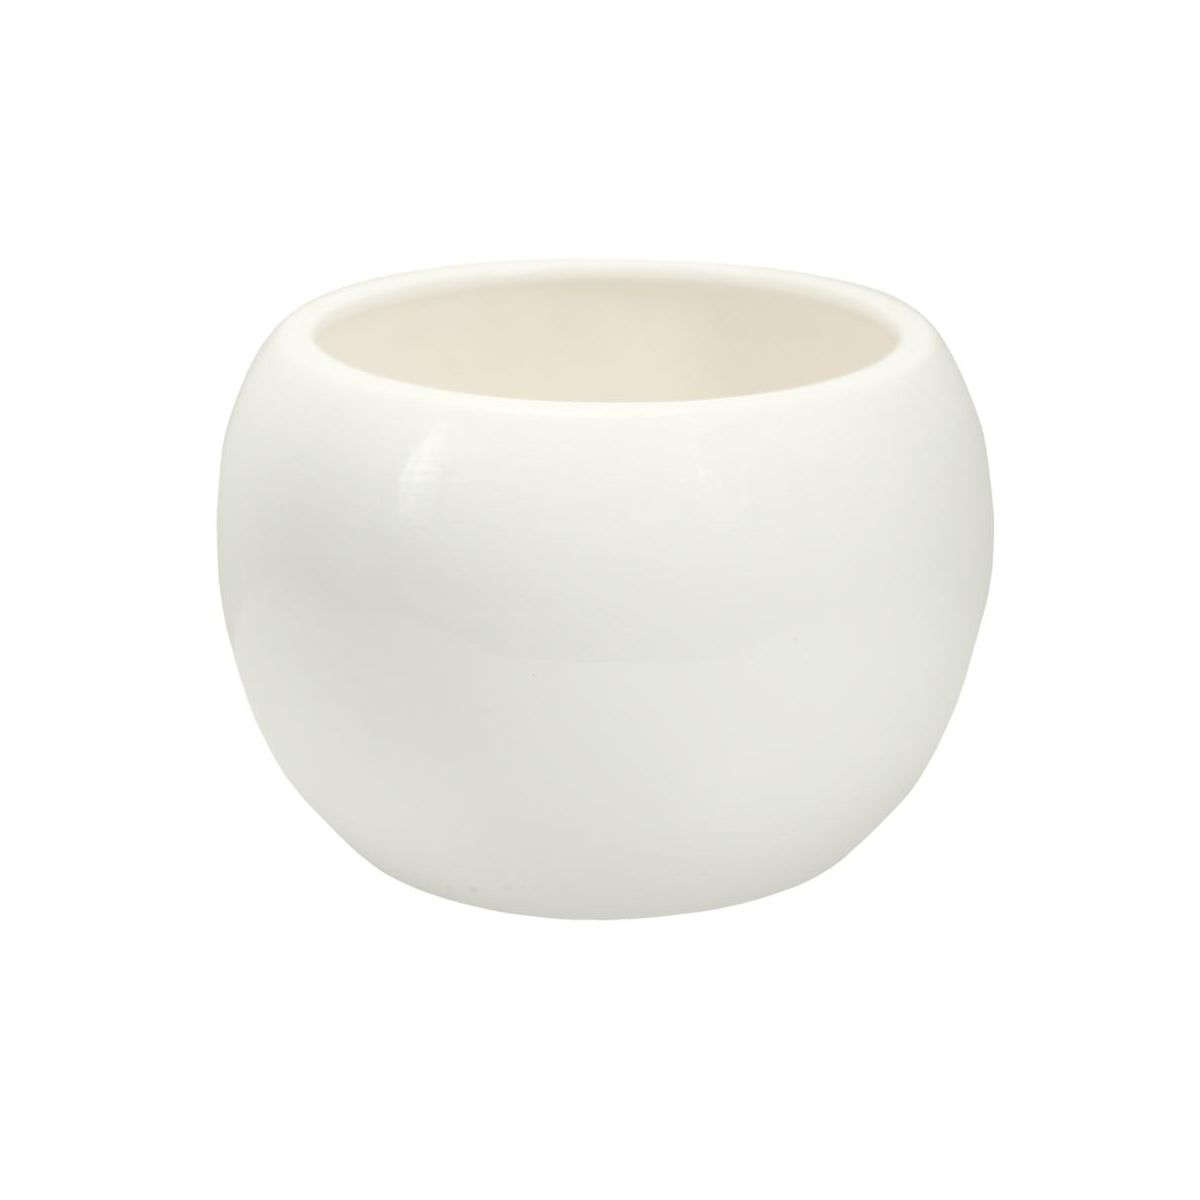 Doniczka Ceramiczna 13 Cm Biała Kula 3 J15 Eko Ceramika